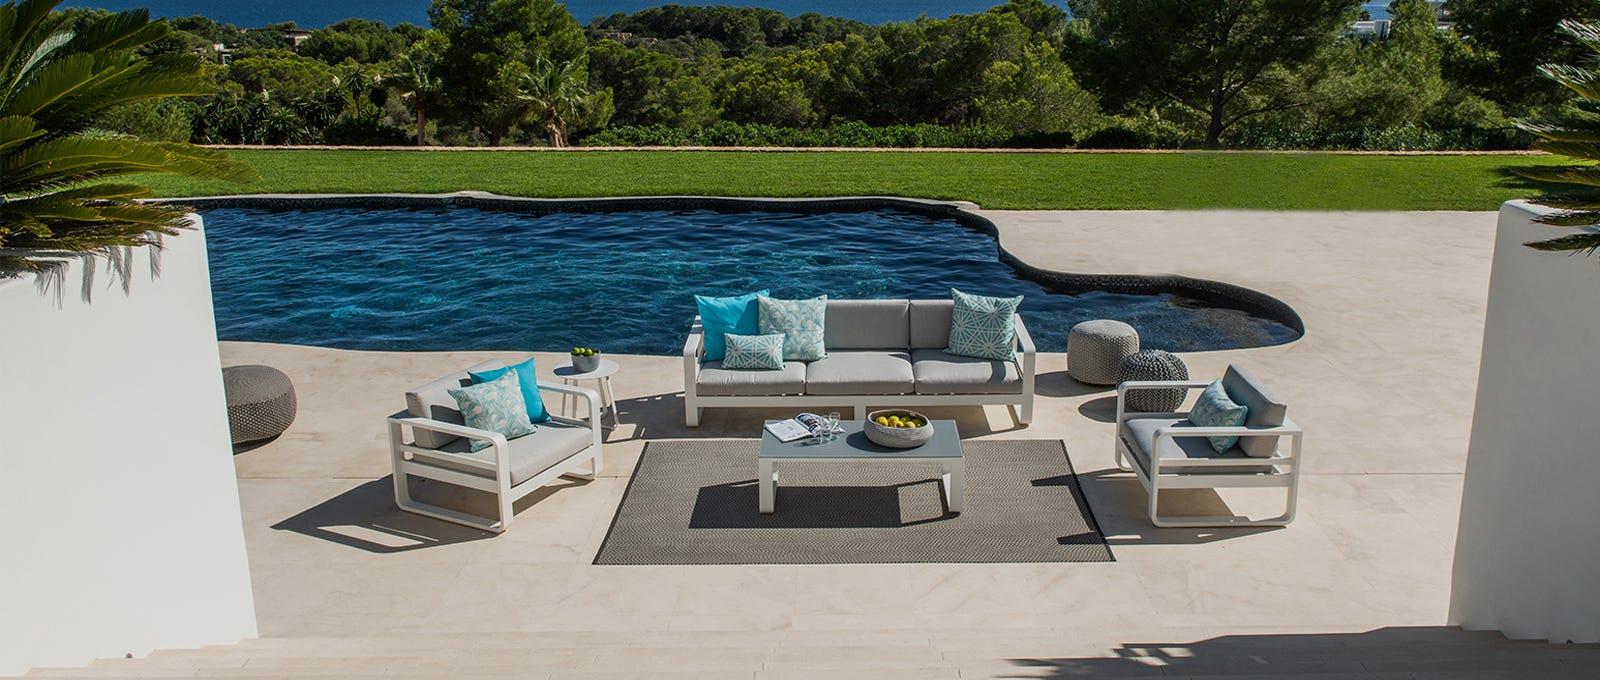 Outdoor Furniture Australia Wide | Outdoor Elegance